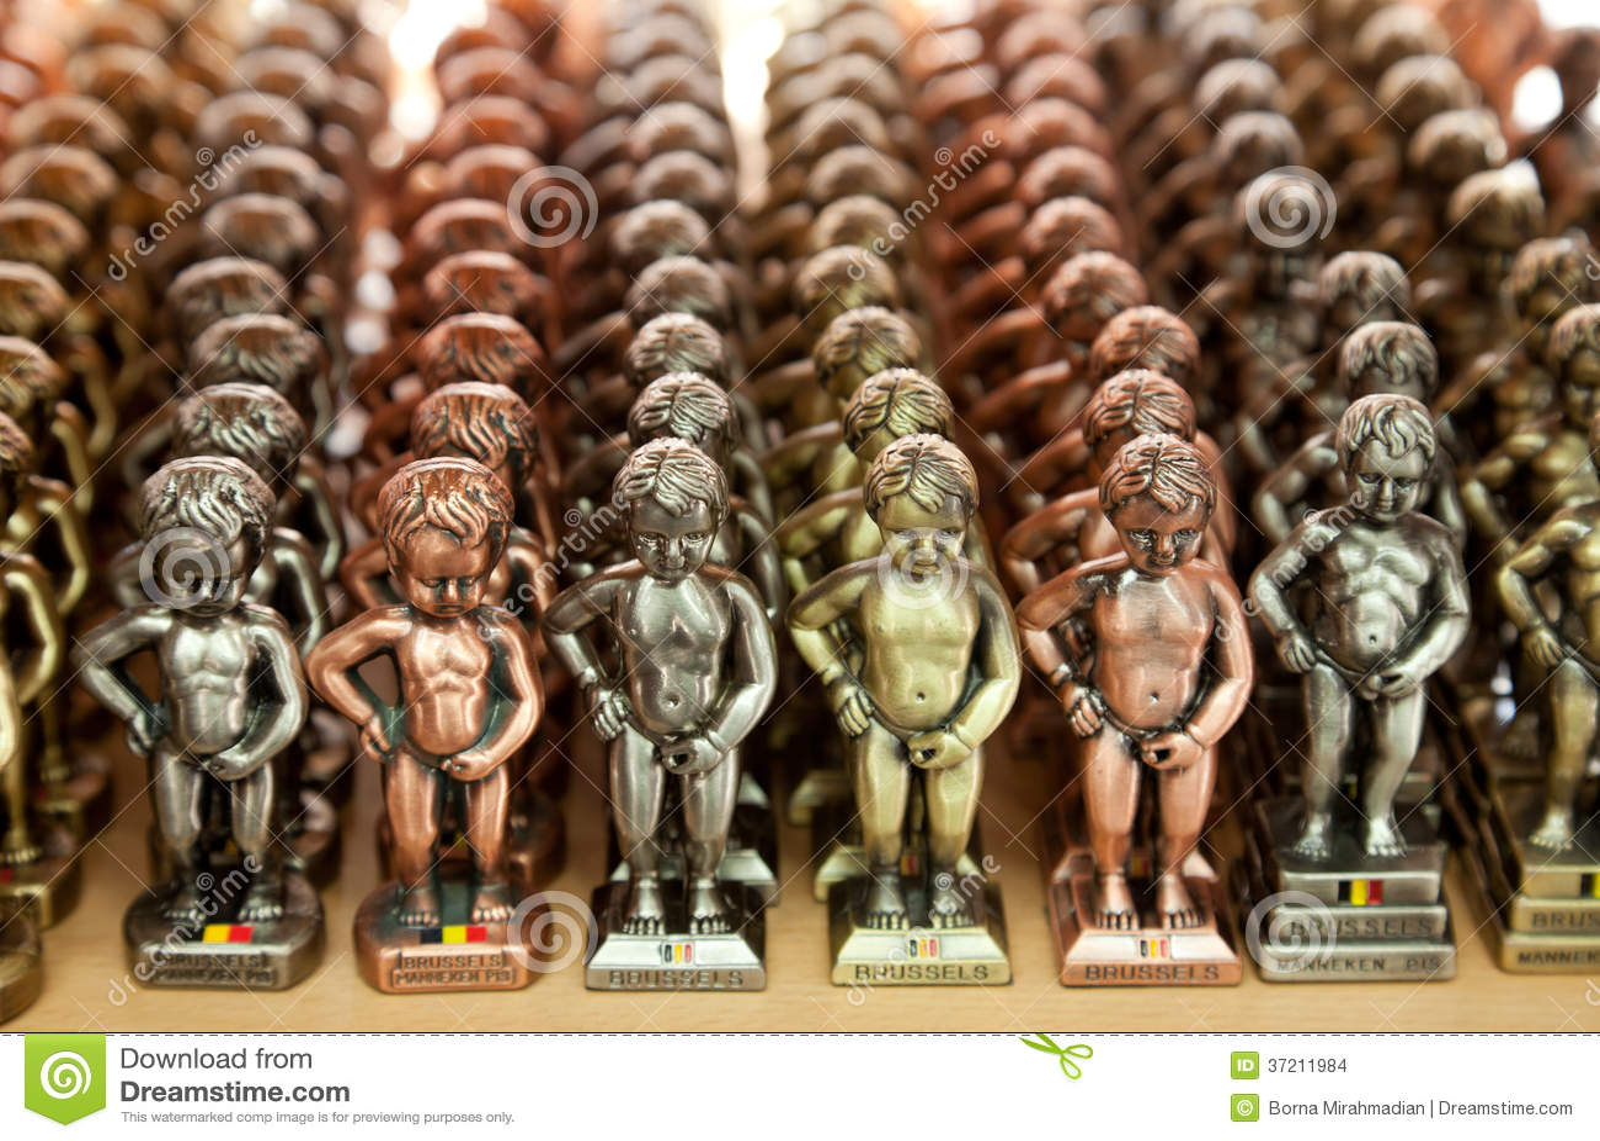 Piccole repliche della statua di Manneken Pis nei colori differenti